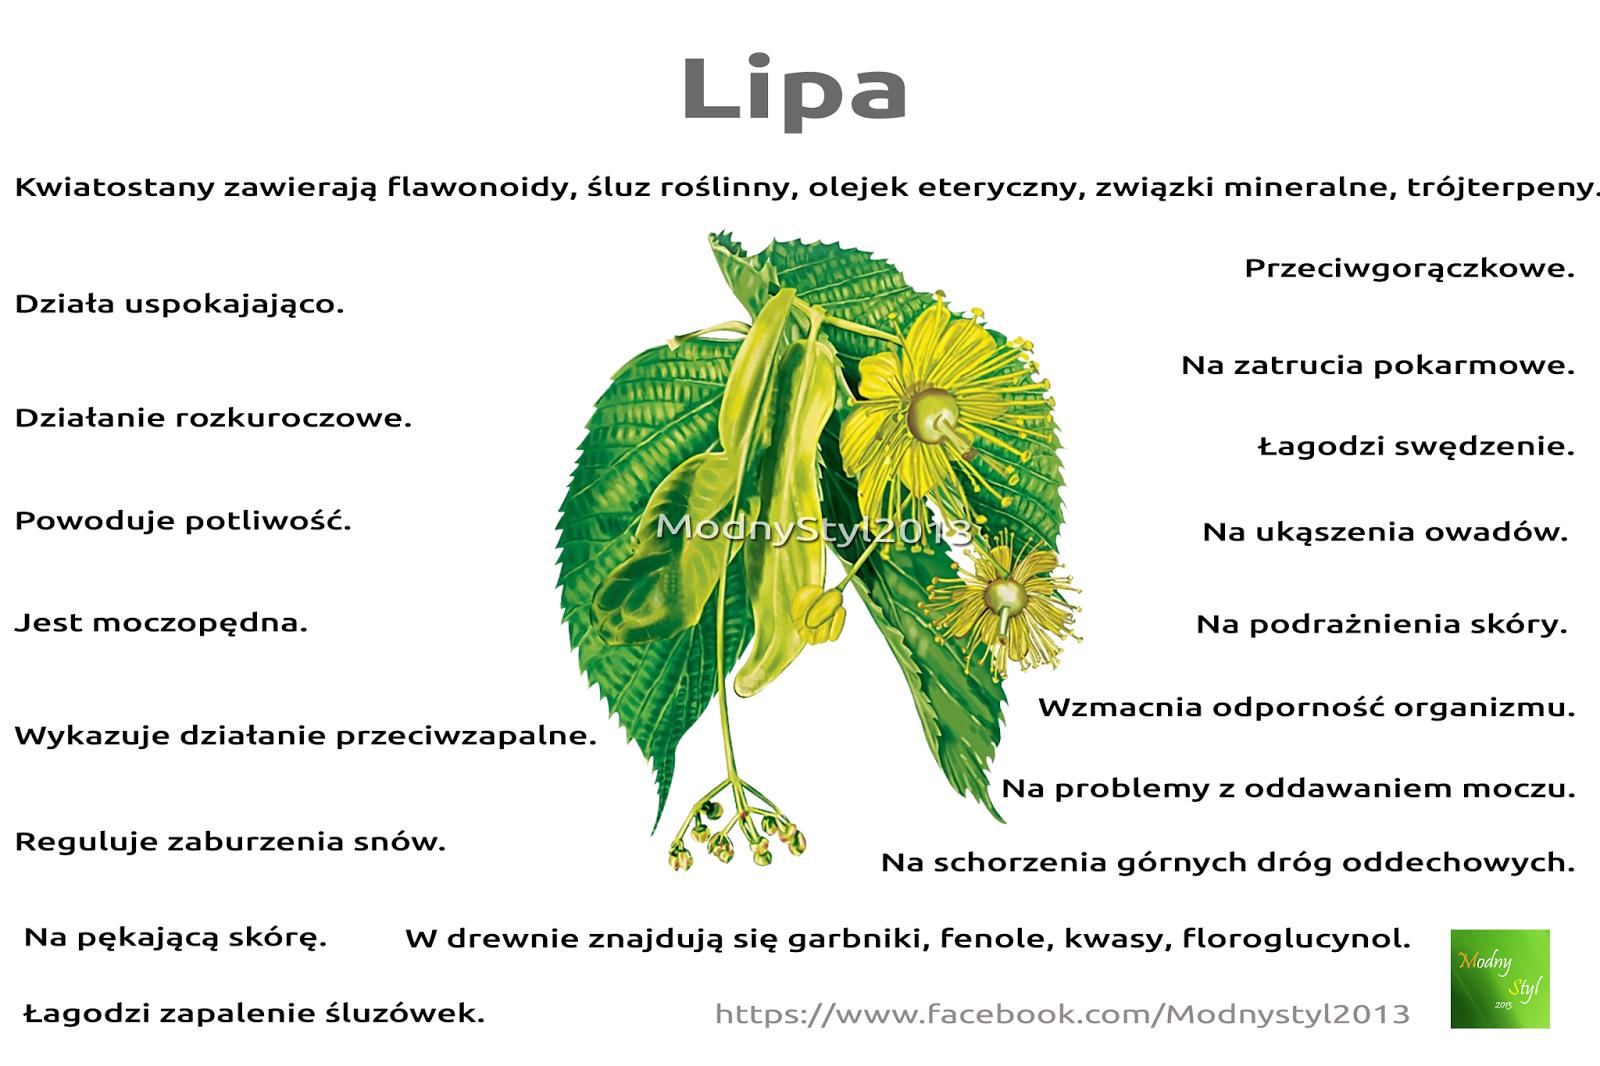 Lecznicze właściwości kwiatostanu i drewna lipy